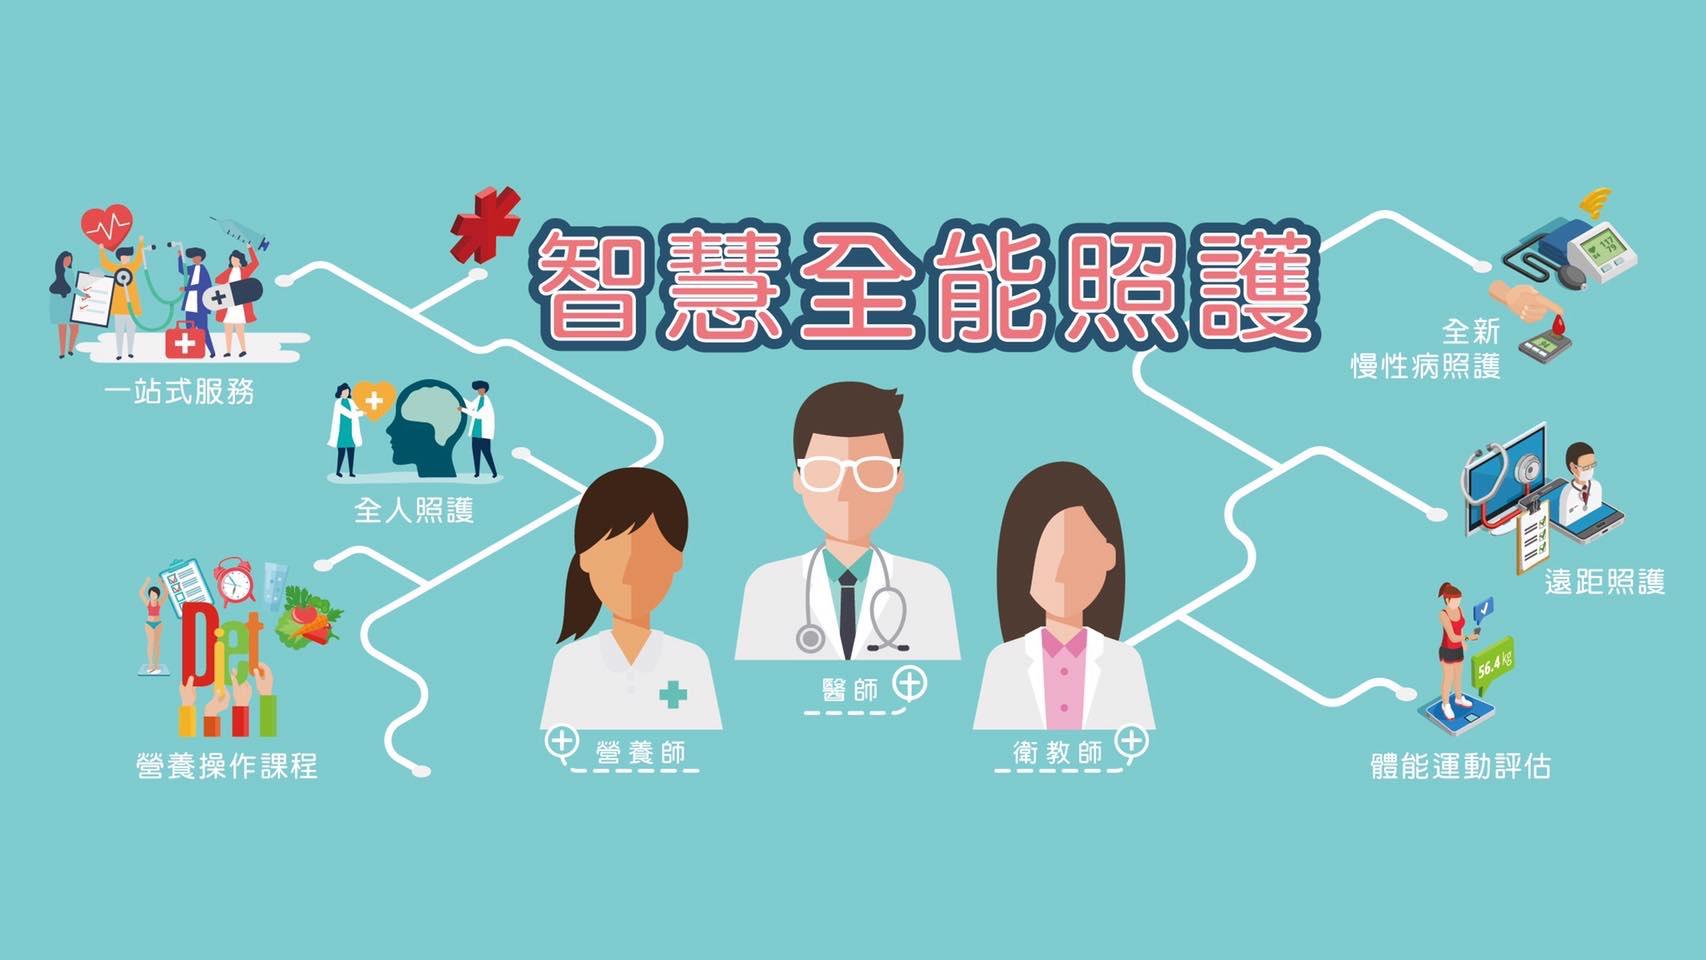 謝明家醫師|透過智能平台、APP增加有效的求診互動、補足每次求診所需了解的健康識能